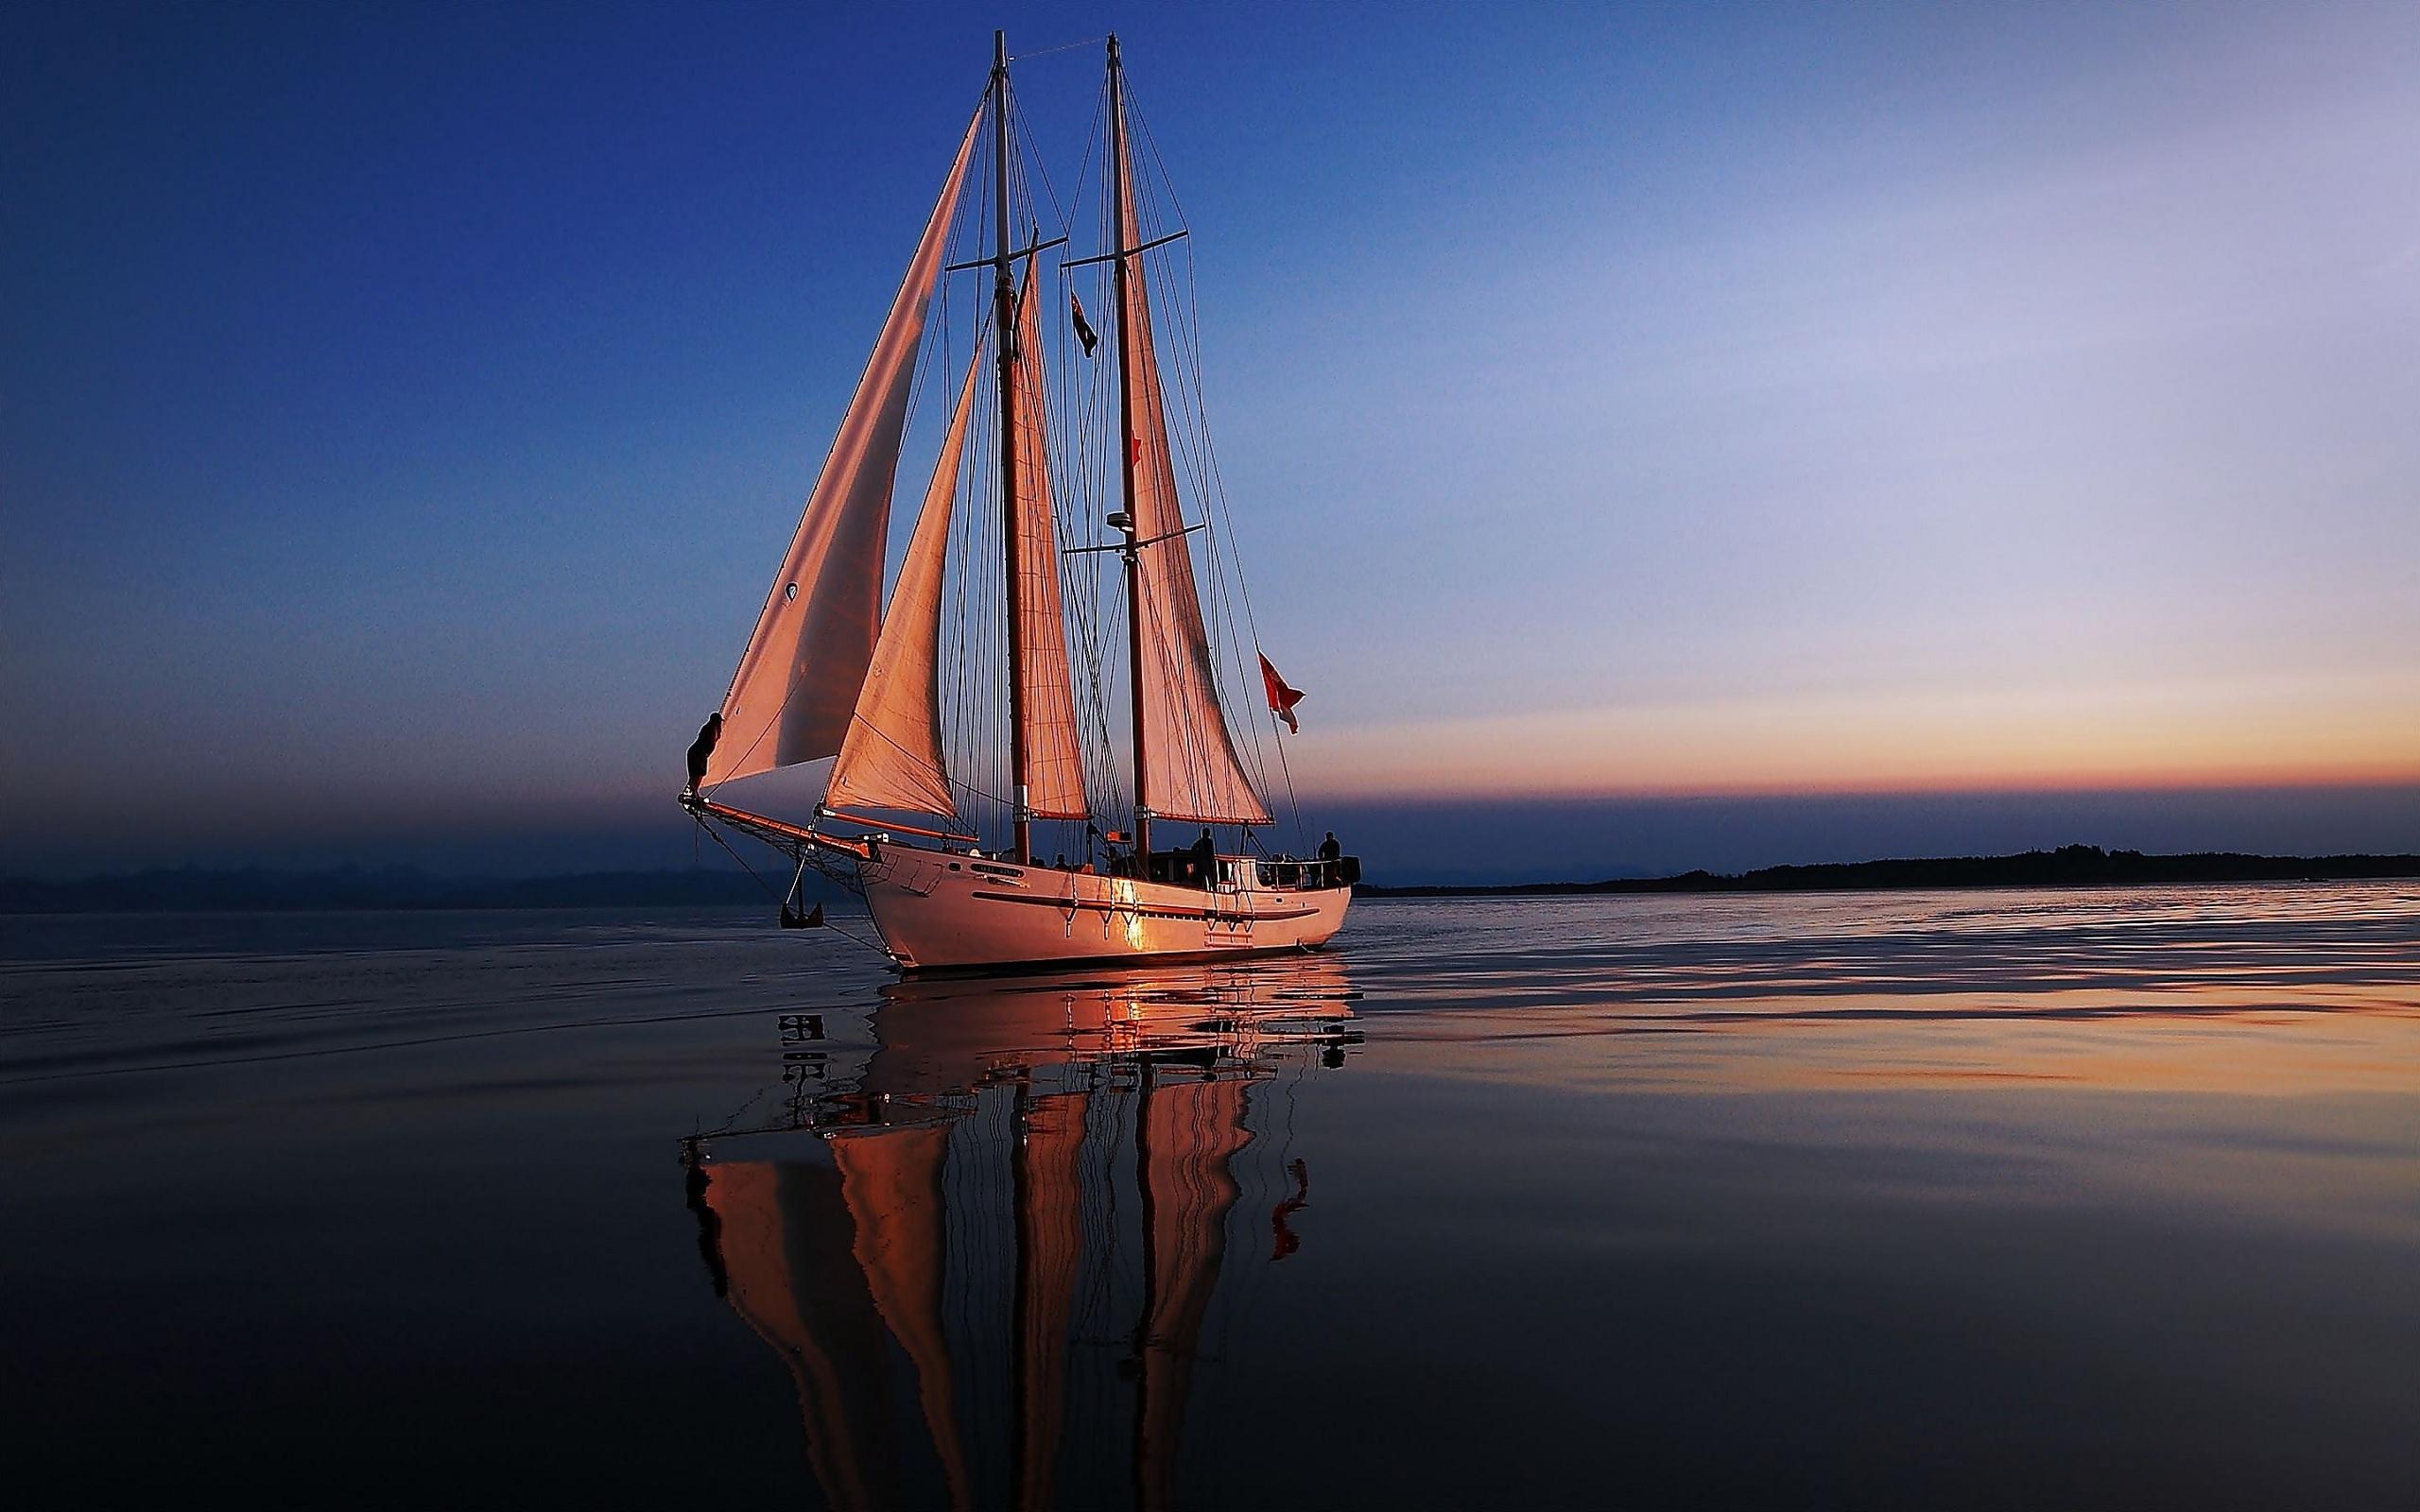 36327 Заставки и Обои Яхты на телефон. Скачать Транспорт, Море, Яхты картинки бесплатно